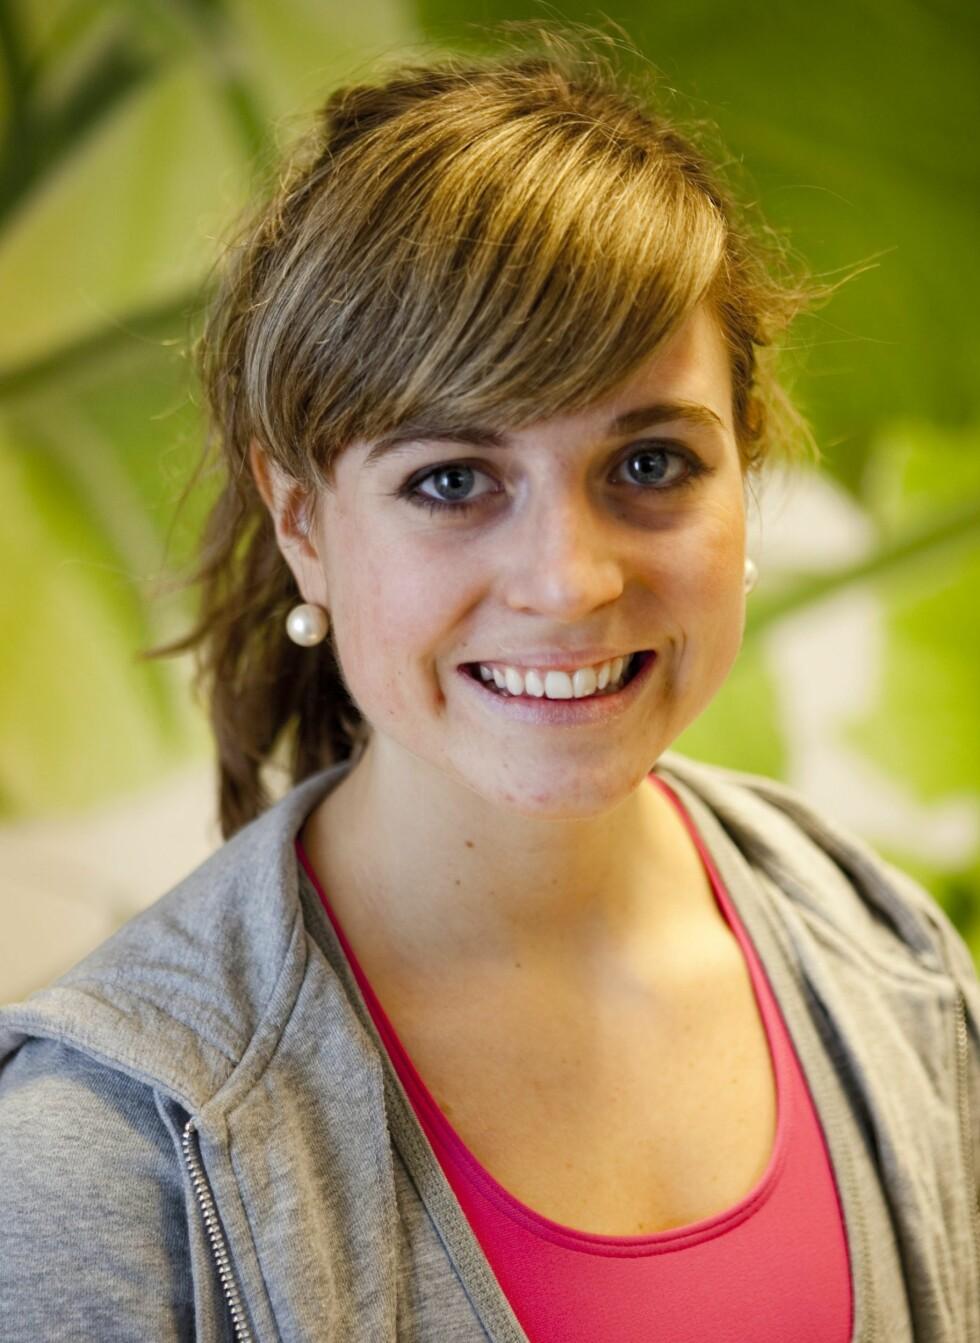 <strong>INSTRUKTØREN:</strong> Vilde Berntsen er gruppetreningsansvarlig på Treningshuset i Oslo. Hun har en bachelor fra Den Norske Balletthøyskolen, Fitnessutdanning fra Norges Idrettshøgskole, samt utdanning fra Baardar danseakademi. I tillegg har hun jobbet som instruktør i syv år.   Foto: Per Ervland